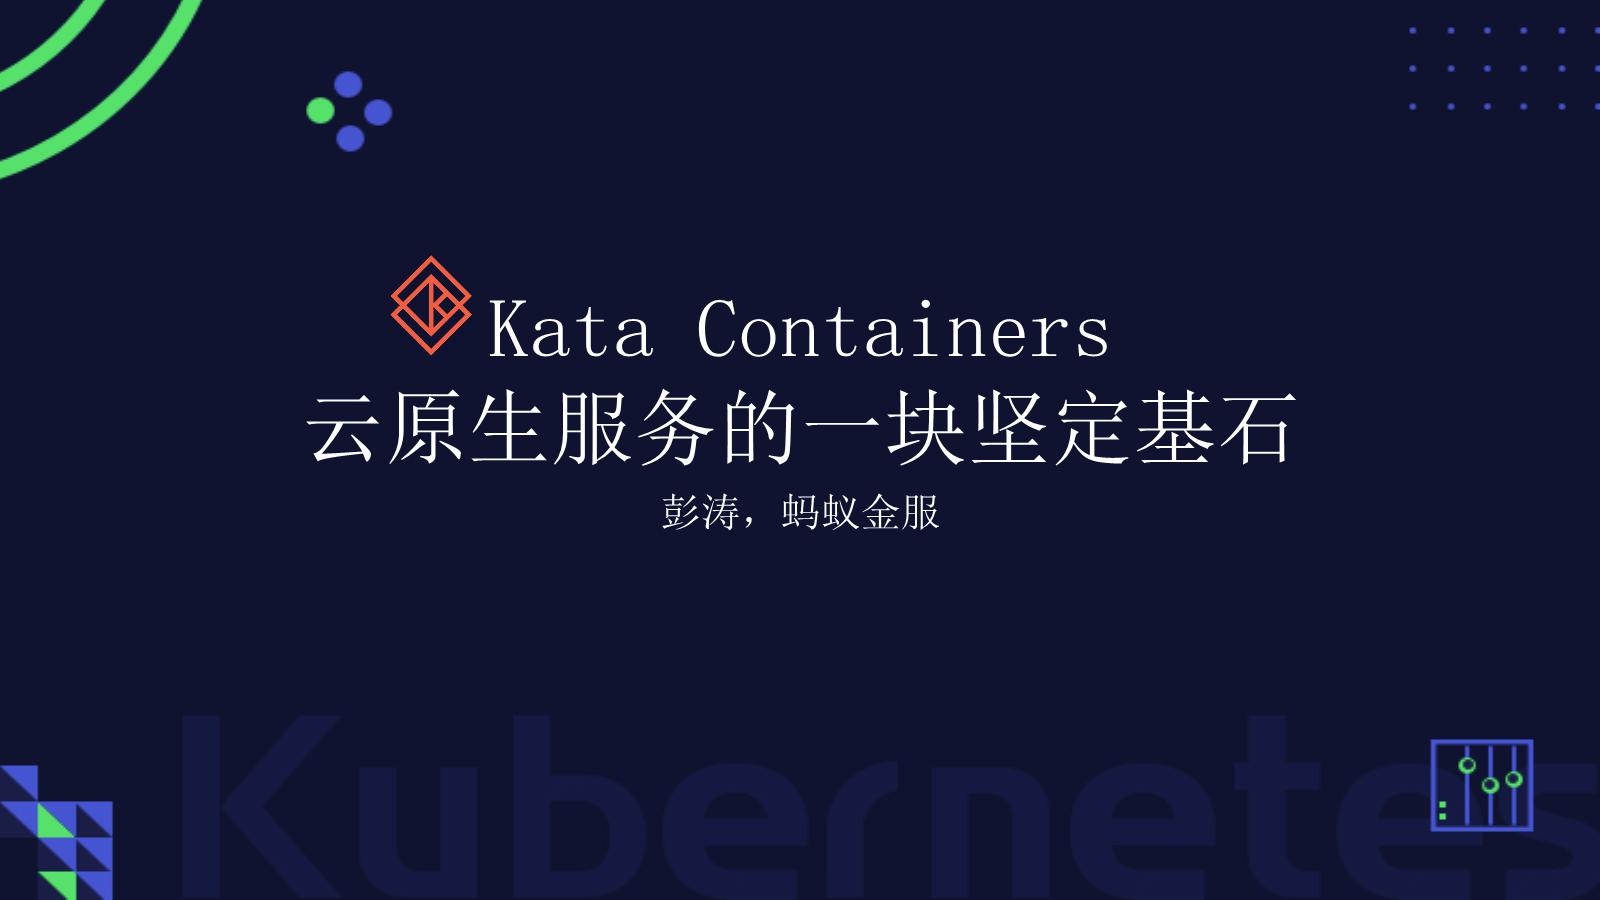 彭涛-Kata Containers云原生服务的一块坚定基石